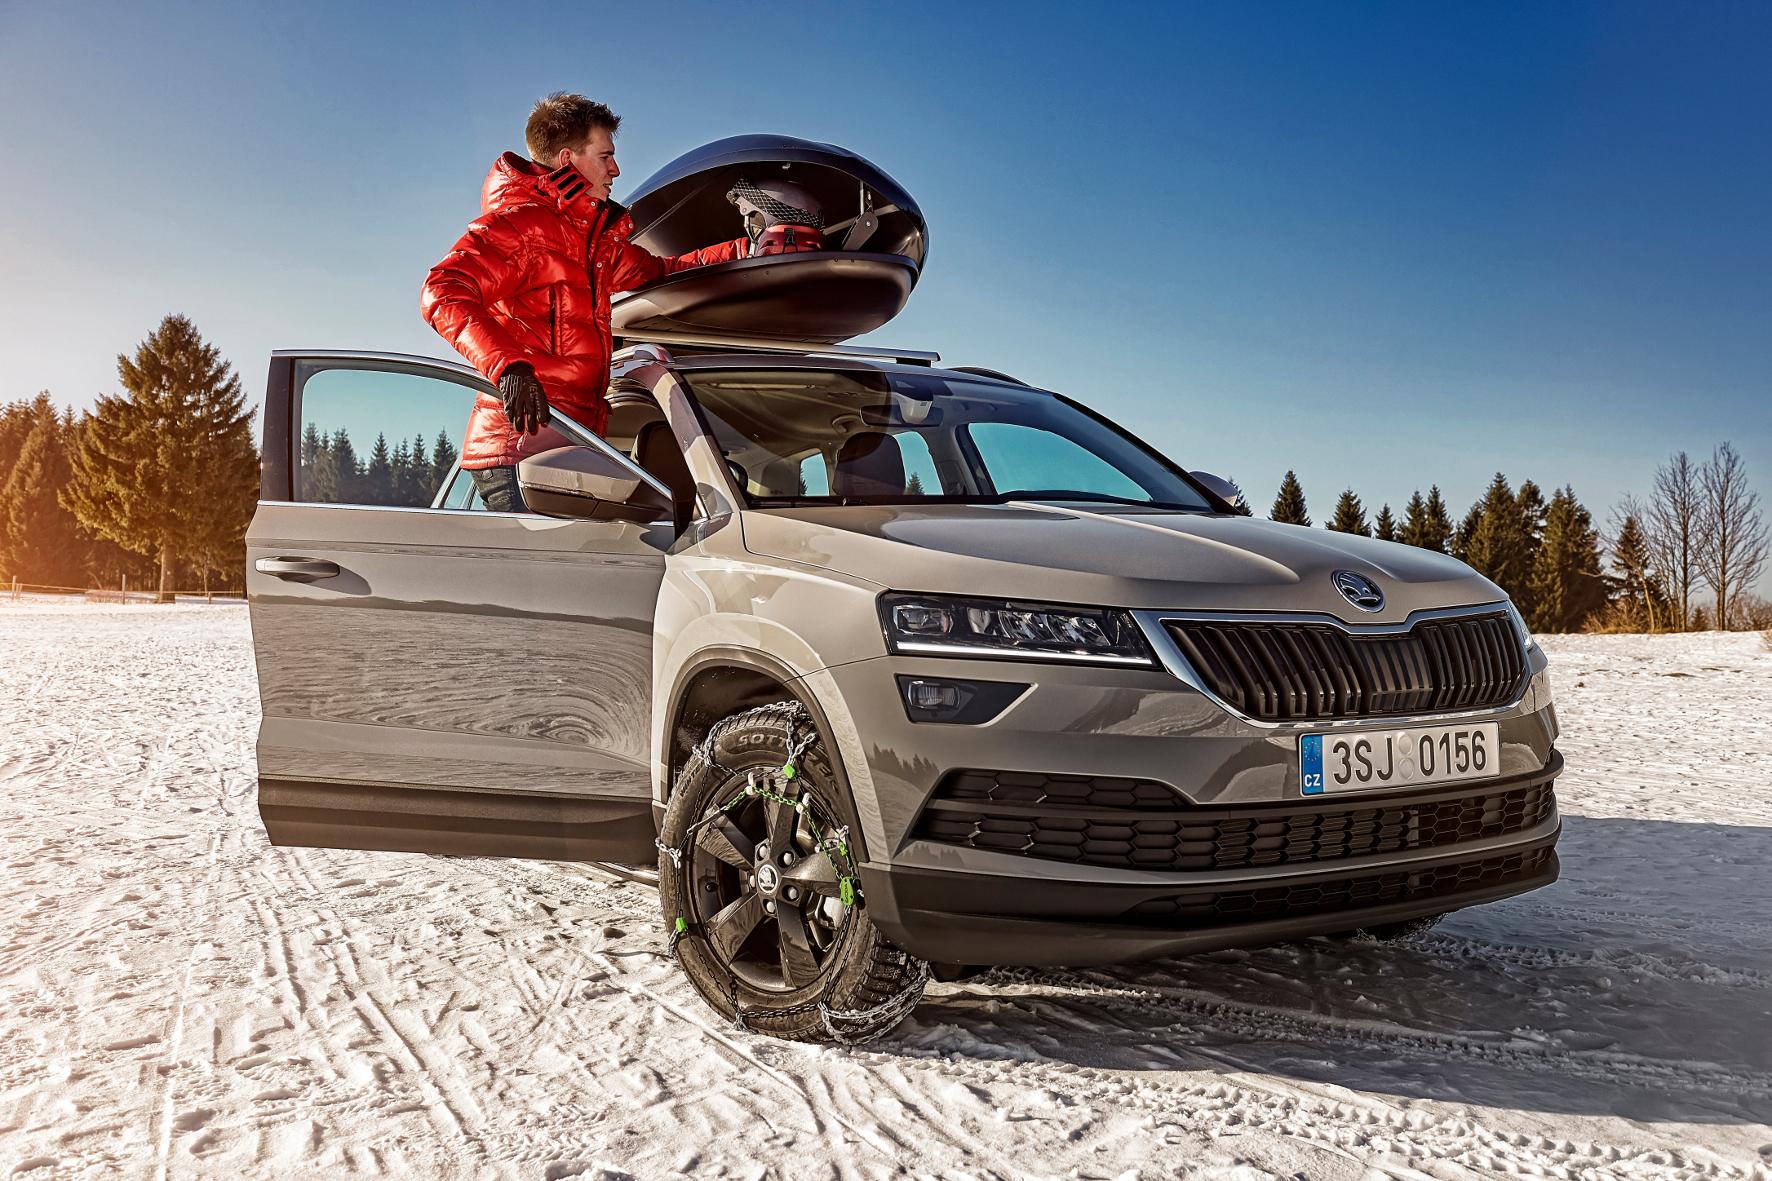 mid Groß-Gerau - Wer einen Skiurlaub plant, sollte sich gut vorbereiten. Skoda